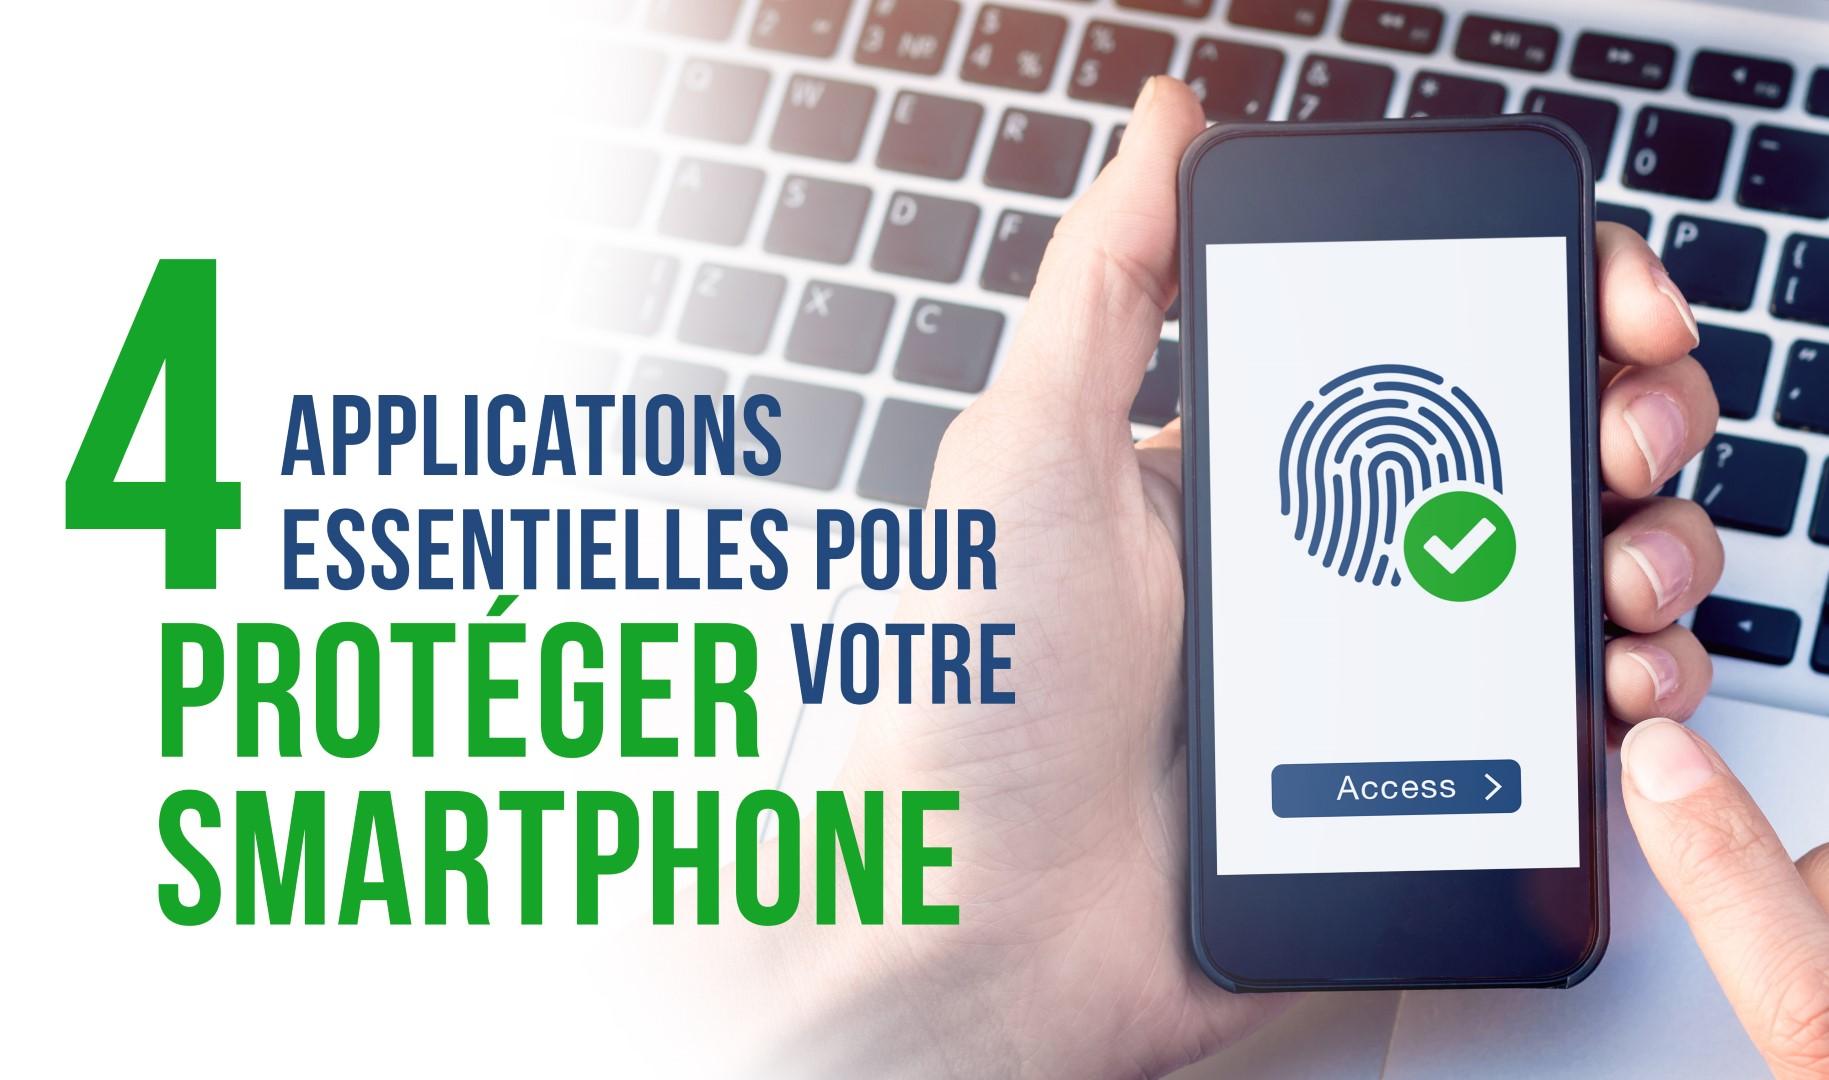 4 applications essentielles pour protéger votre smartphone